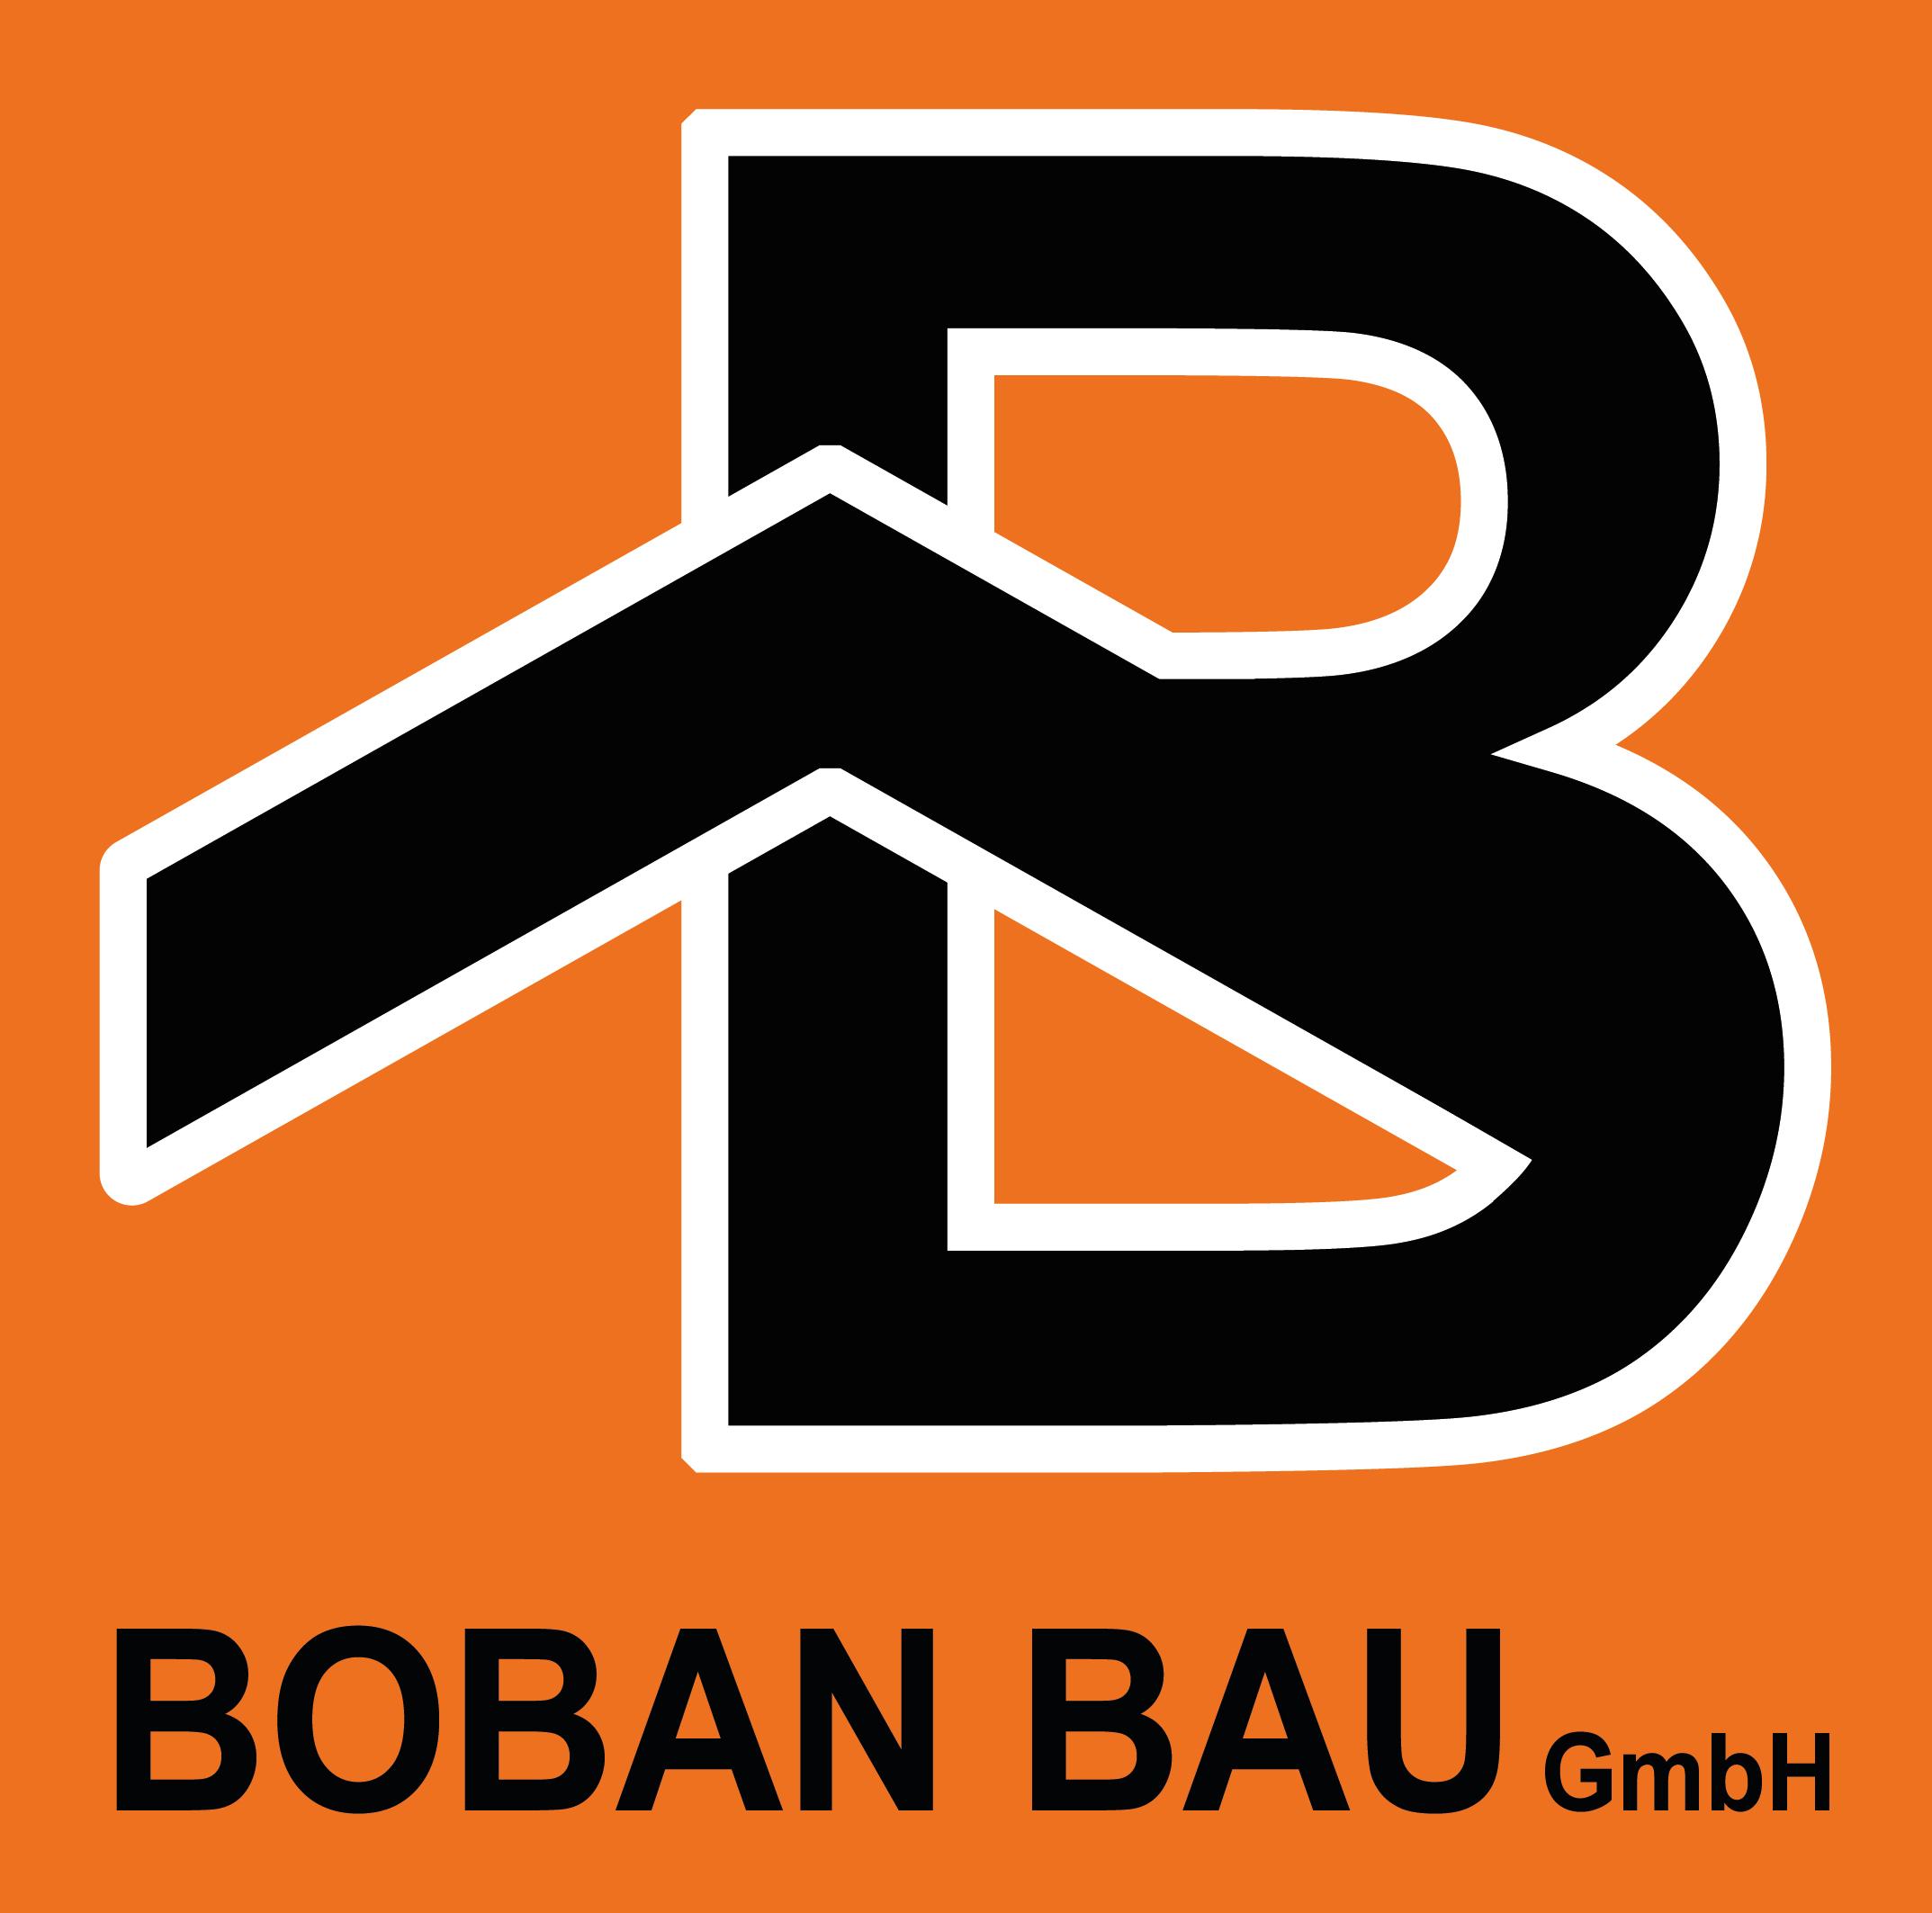 Boban Bau GmbH